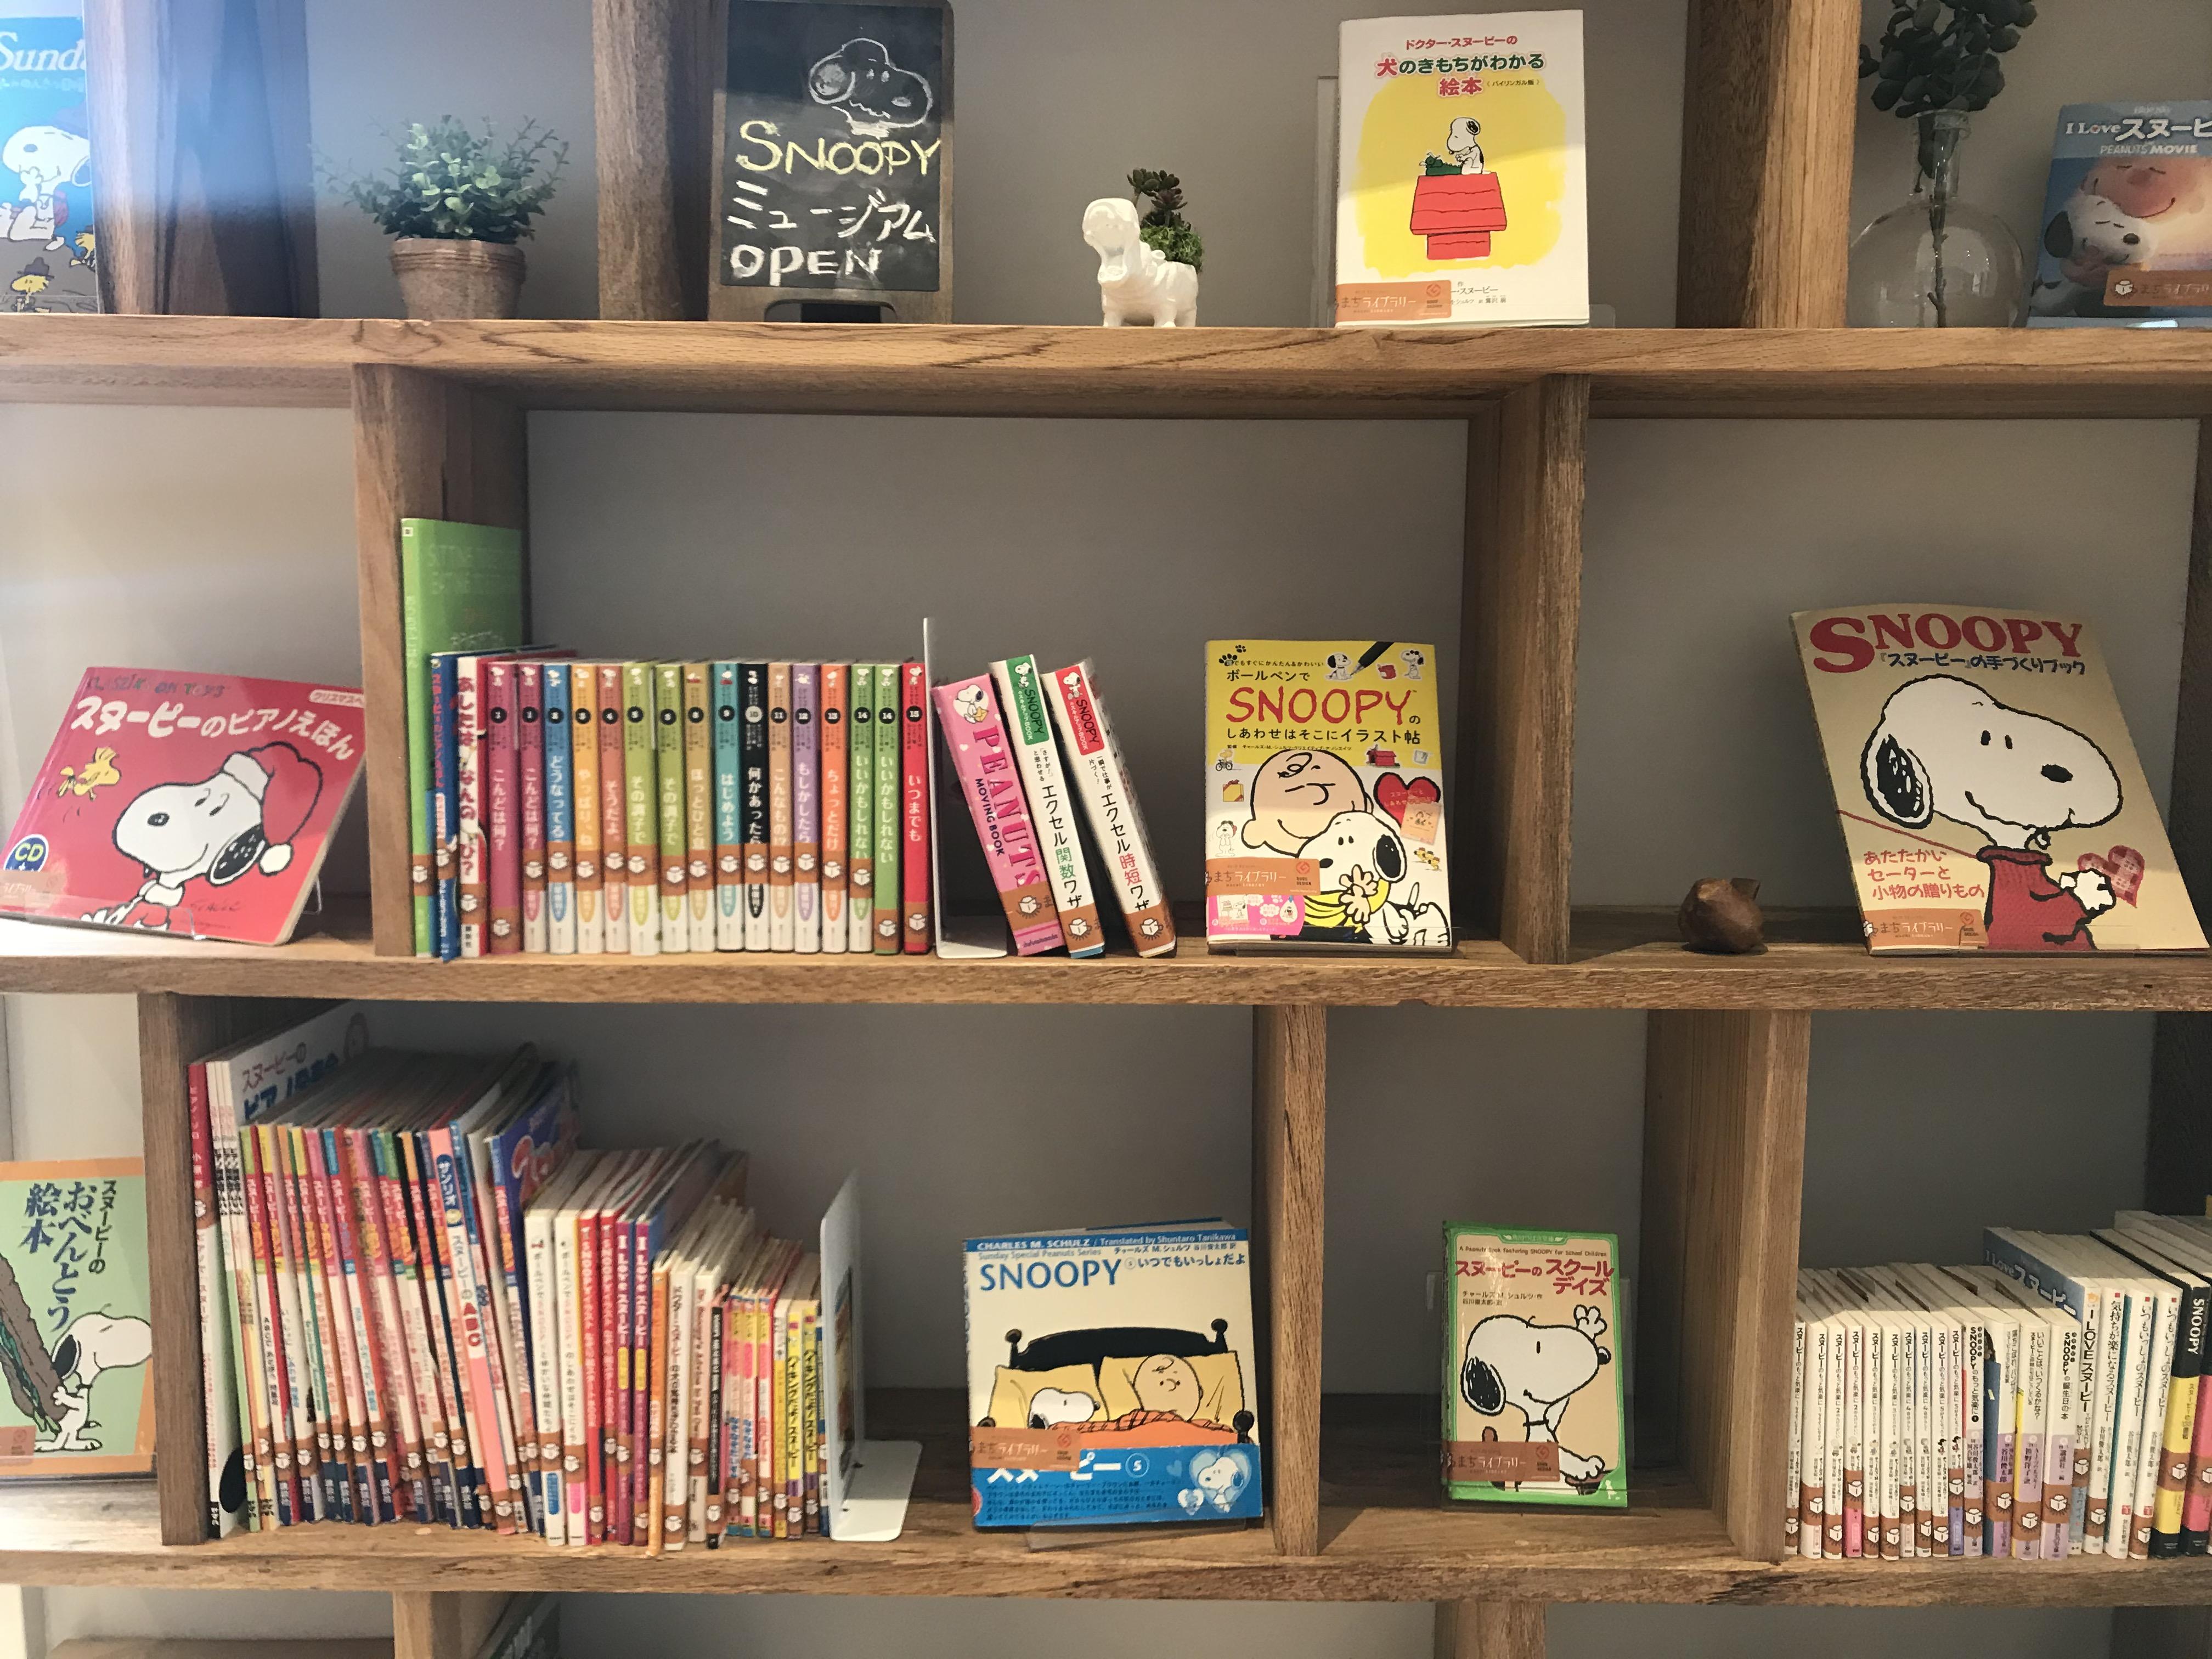 まちライブライリーにも多くのスヌーピー関連の書籍が並ぶ(提供:まちライブラリー@南町田グランベリーパーク)